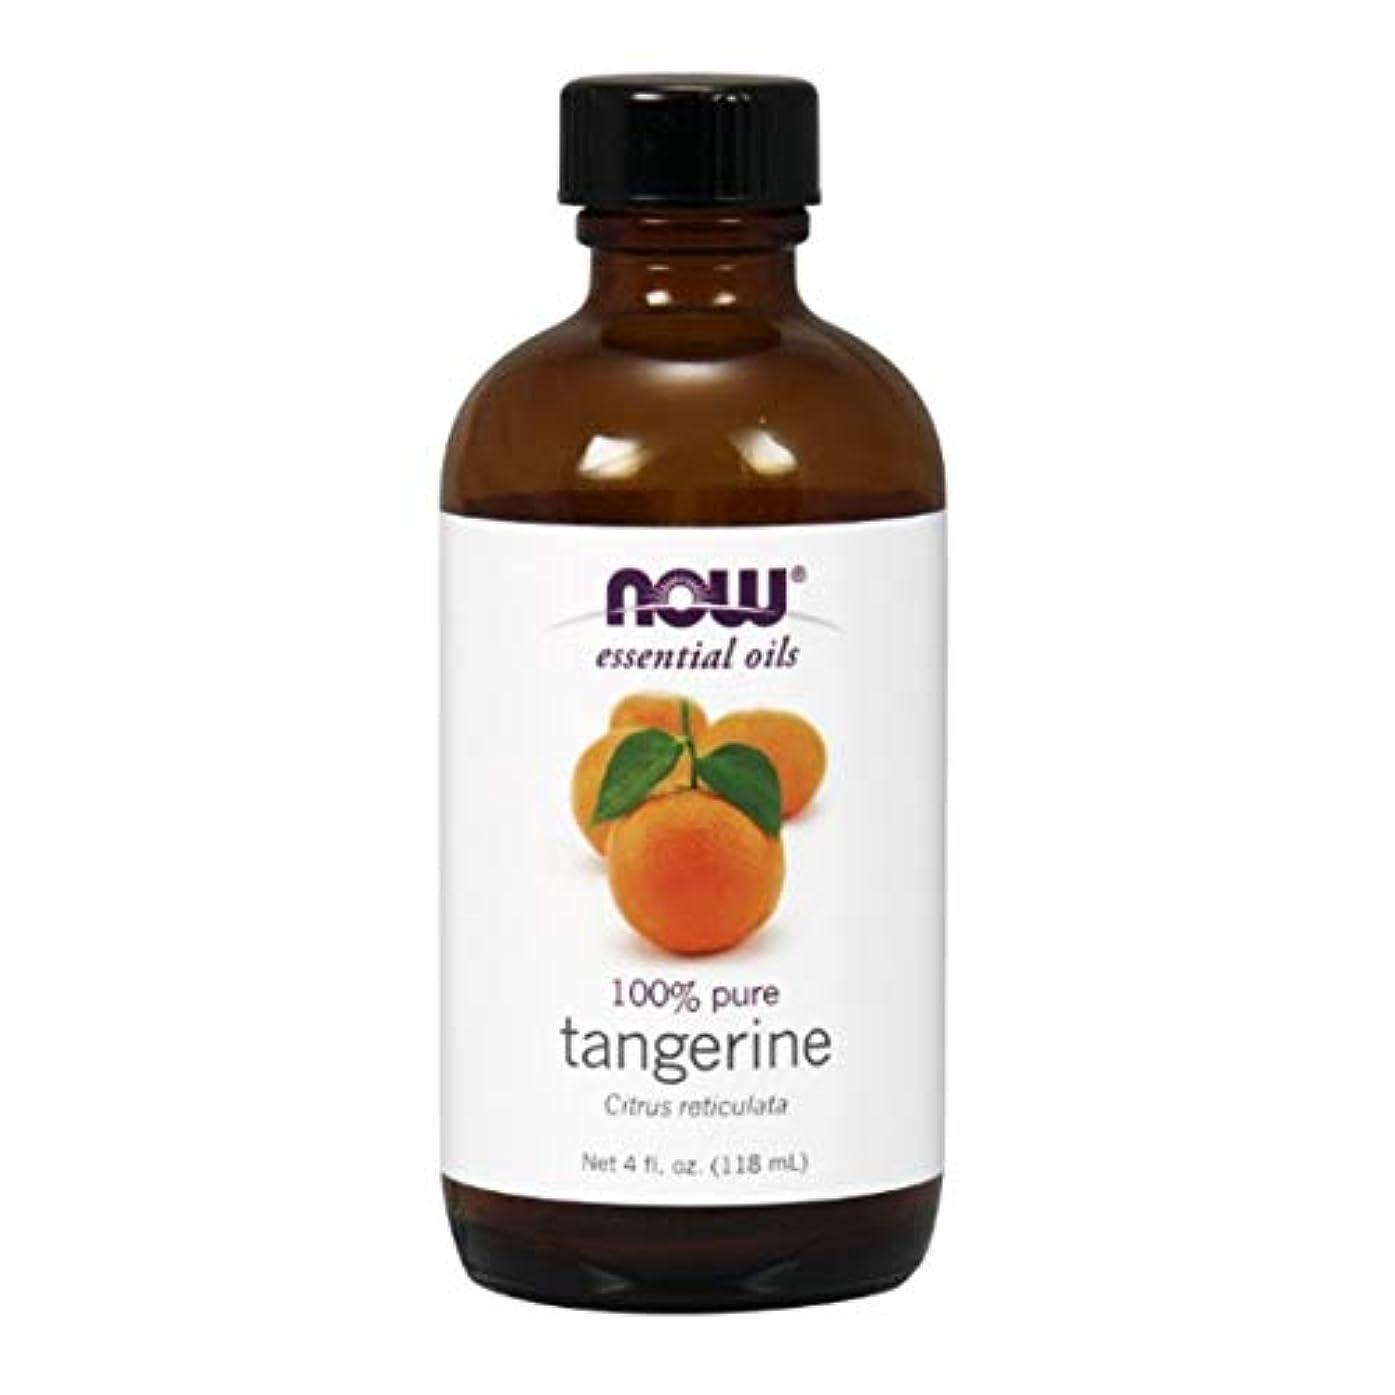 同級生侵略好意Now - Tangerine Oil 100% Pure 4 oz (118 ml) [並行輸入品]